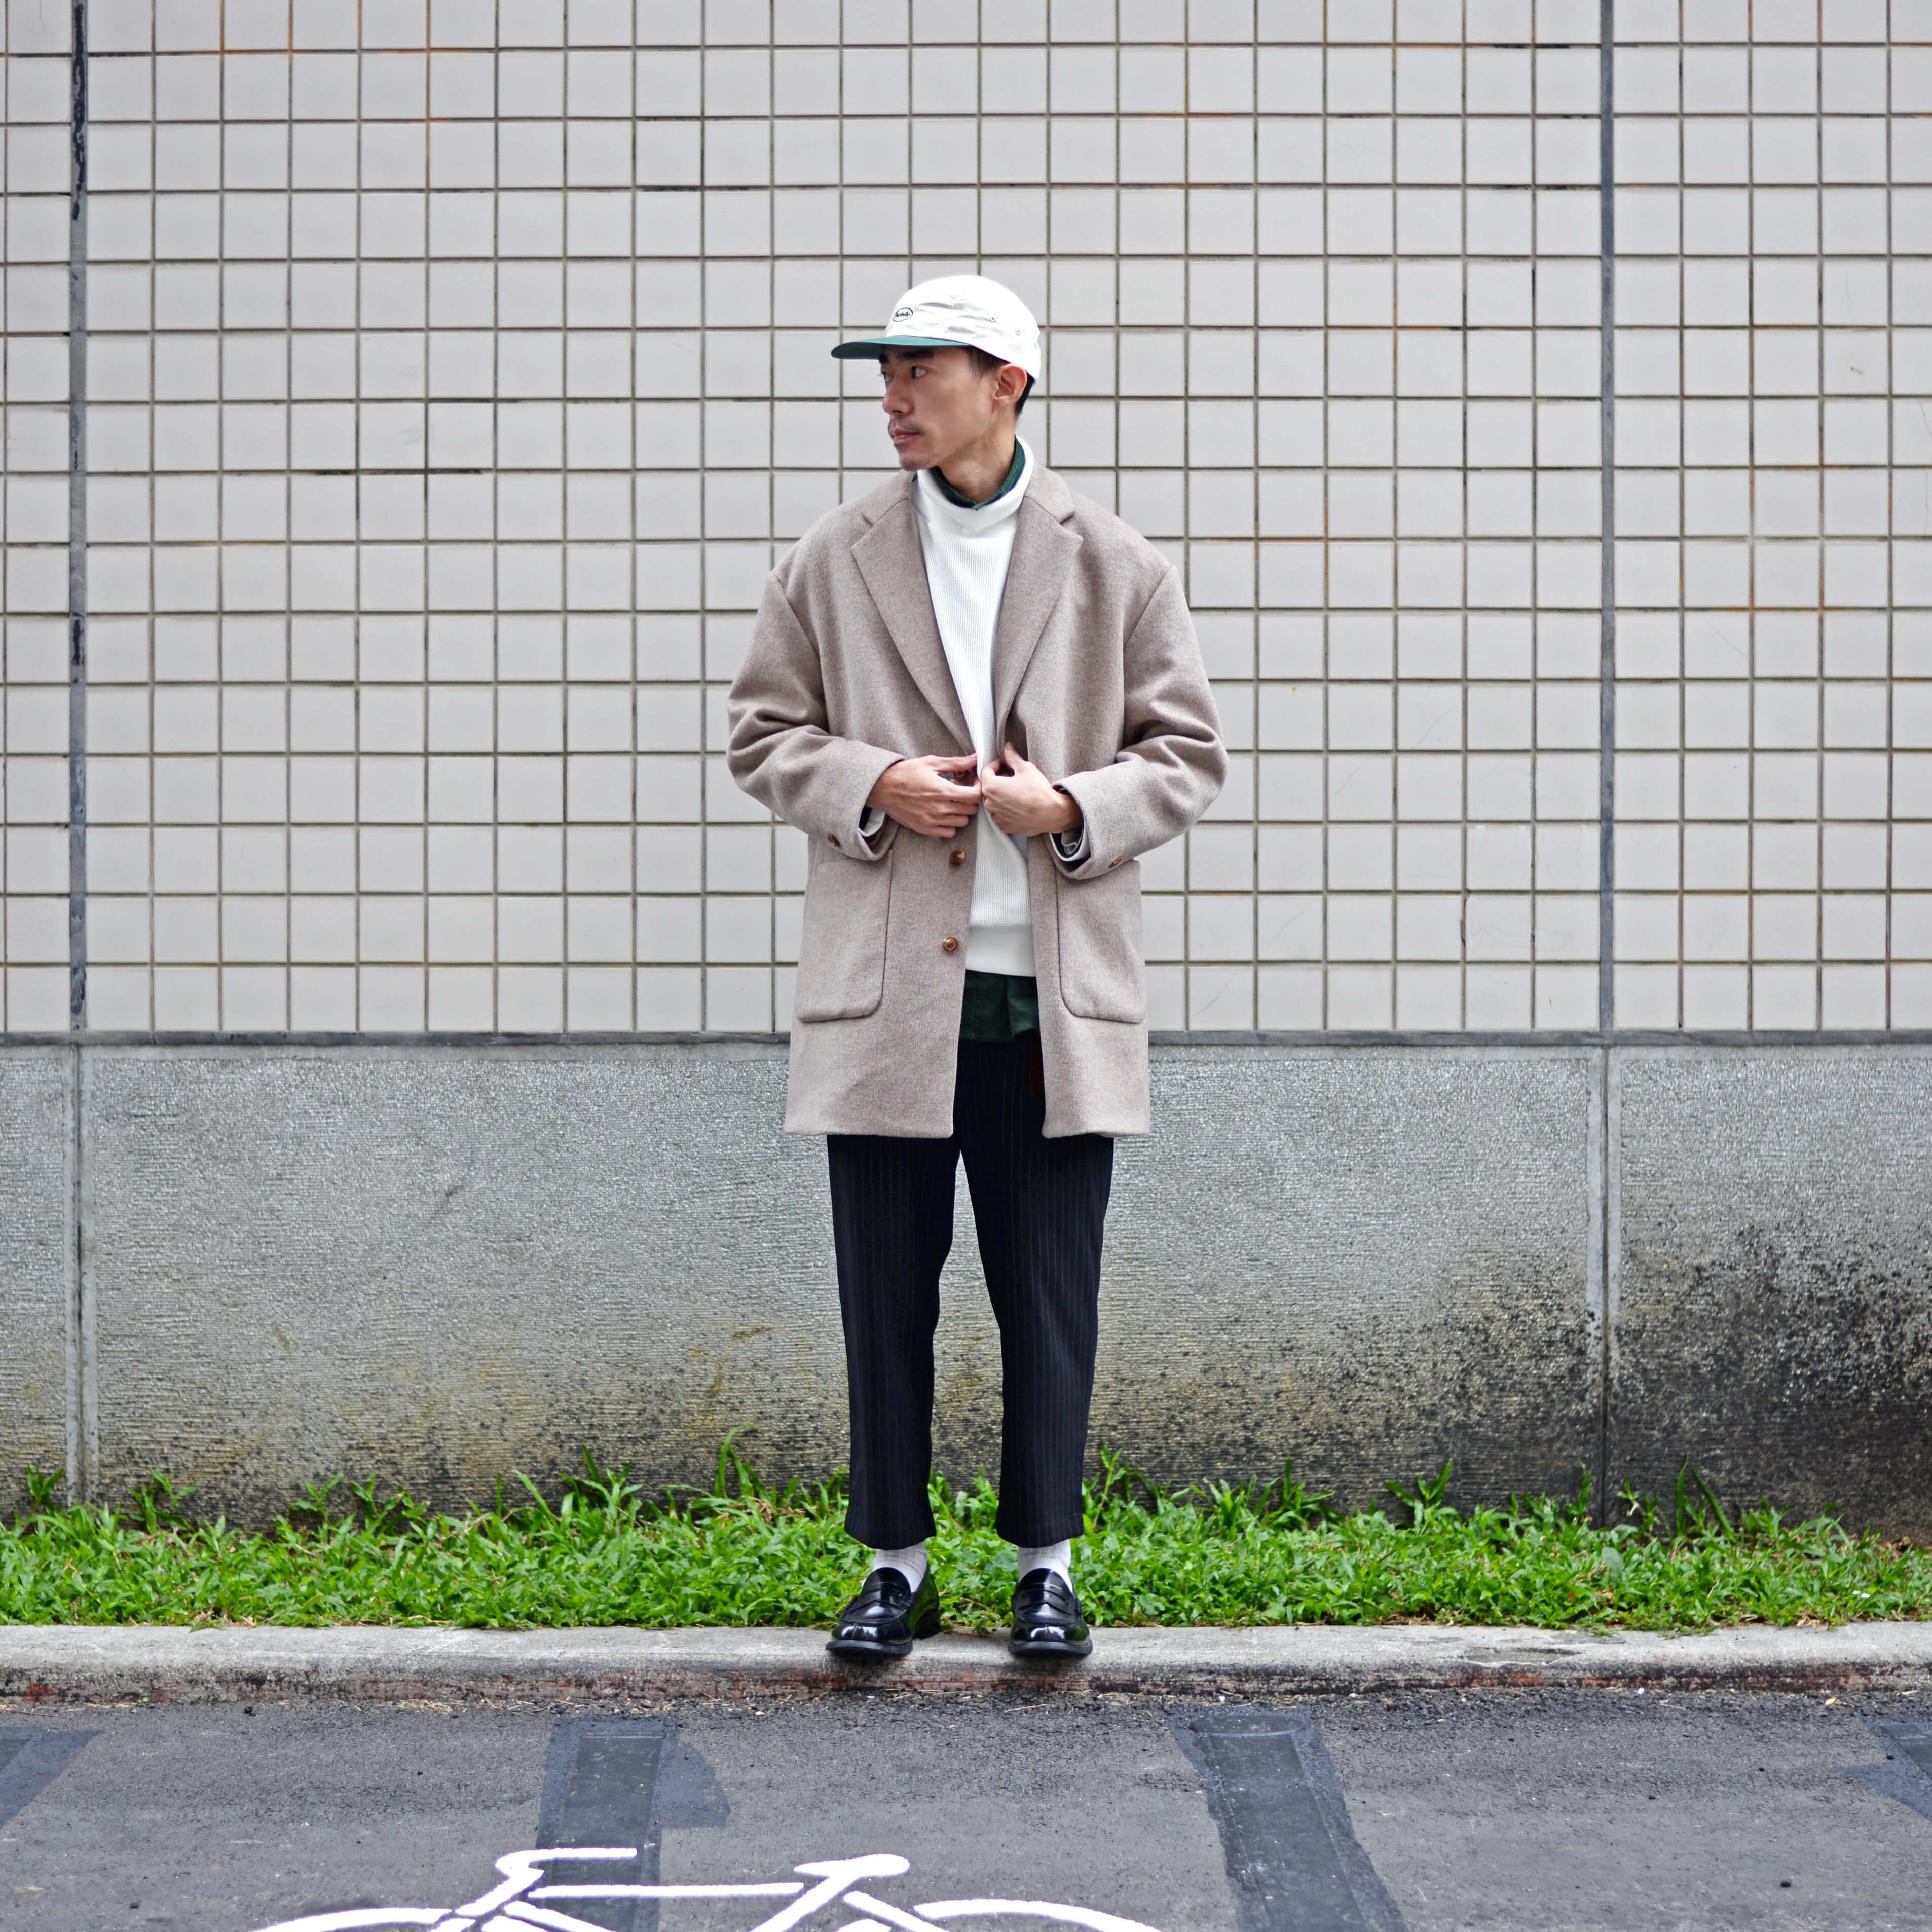 大衣,寬鬆,鬆身,高領,軍裝,軍品,卡其褲,同色系,亮色搭配,顏色搭配,一週搭配,層次,搭配,穿搭,顏色,一週搭配,街頭搭配,男生搭配,river,Wesley,搭配名人